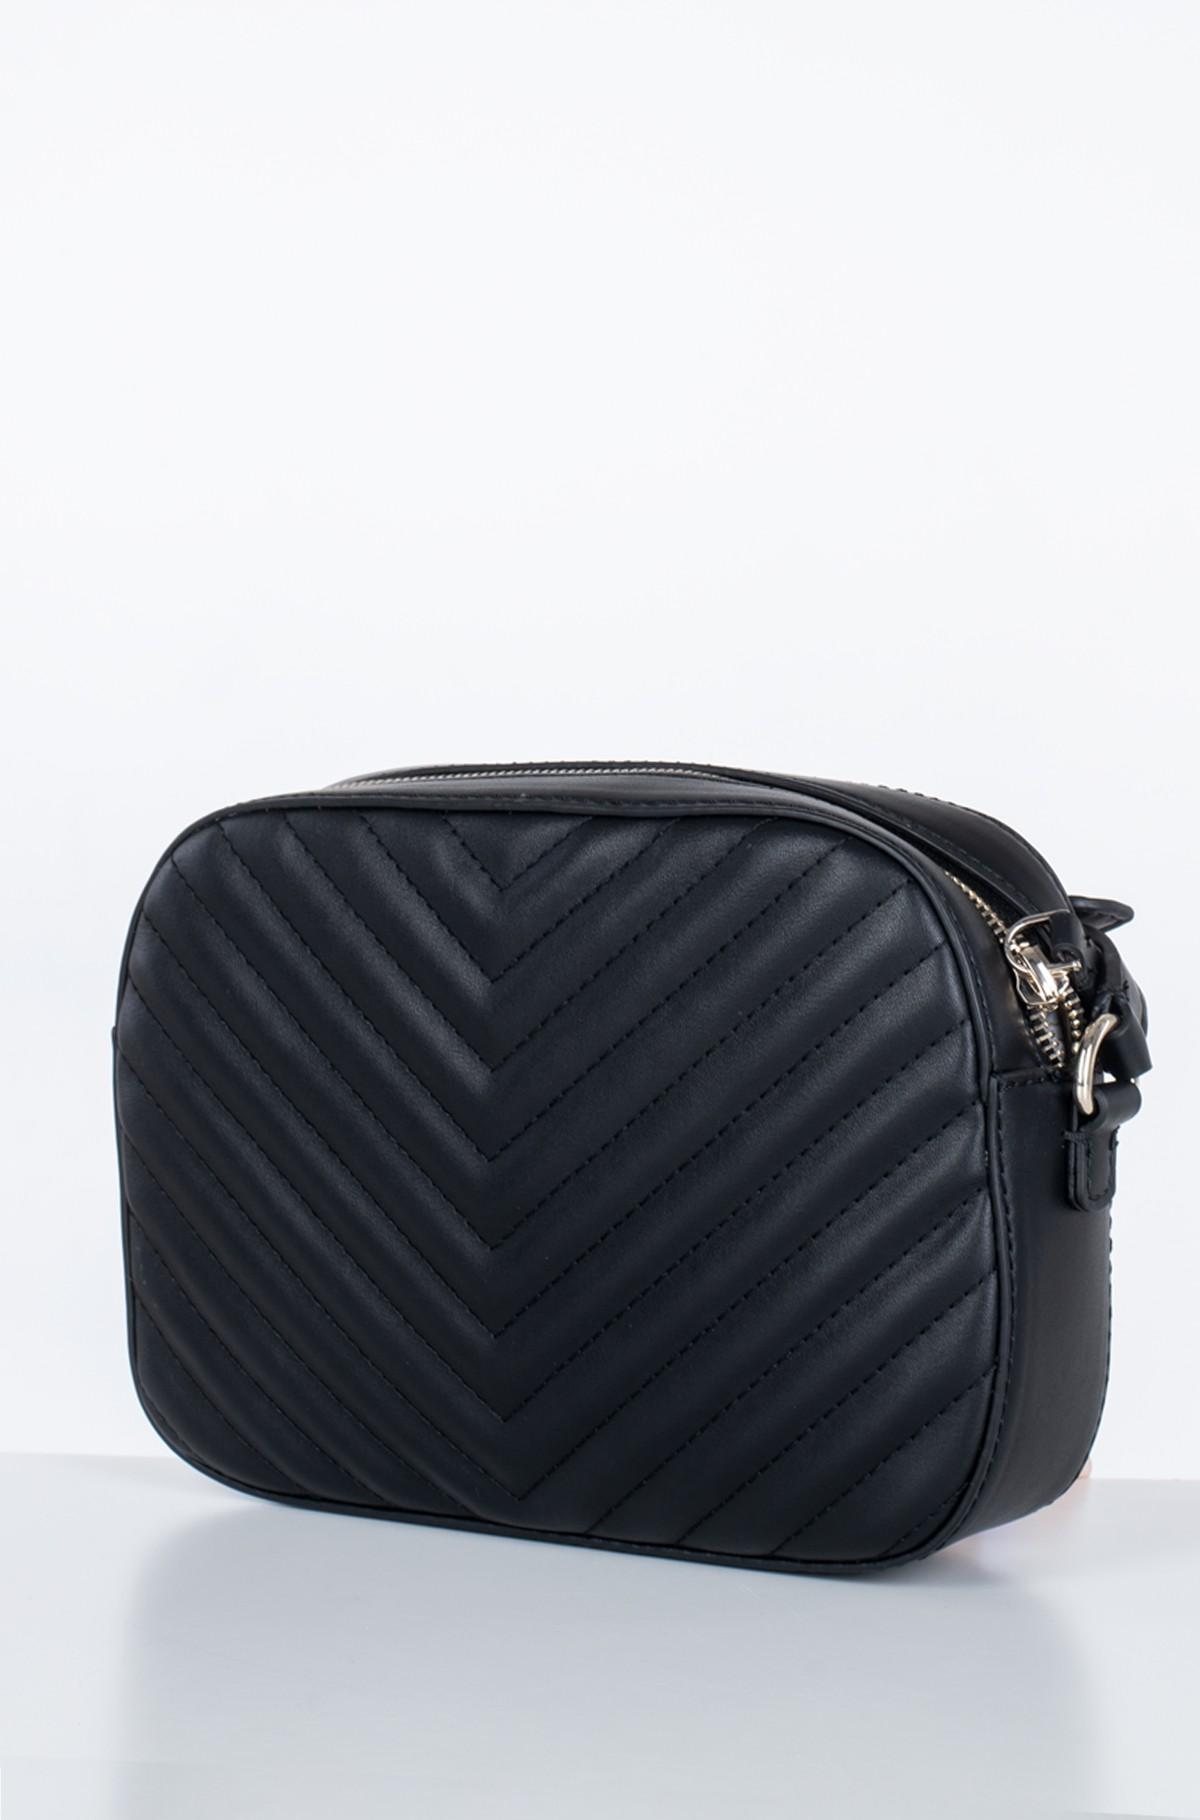 Shoulder bag HWBQ66 91120-full-2